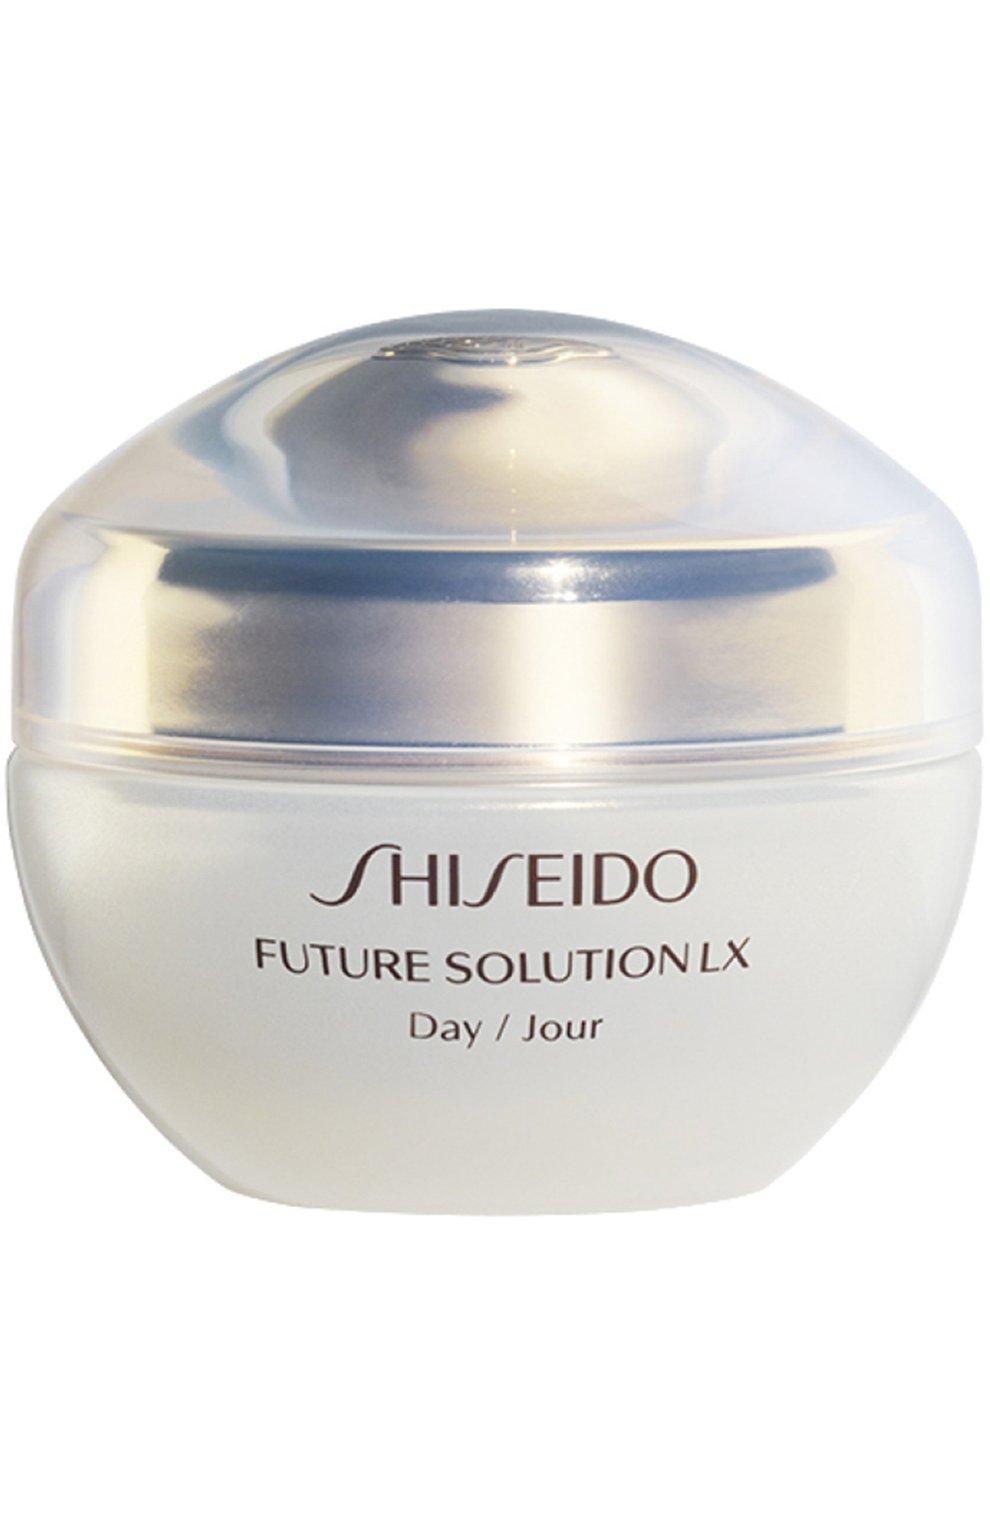 Женское крем для комплексной защиты кожи future solution lx SHISEIDO бесцветного цвета, арт. 13920SH | Фото 1